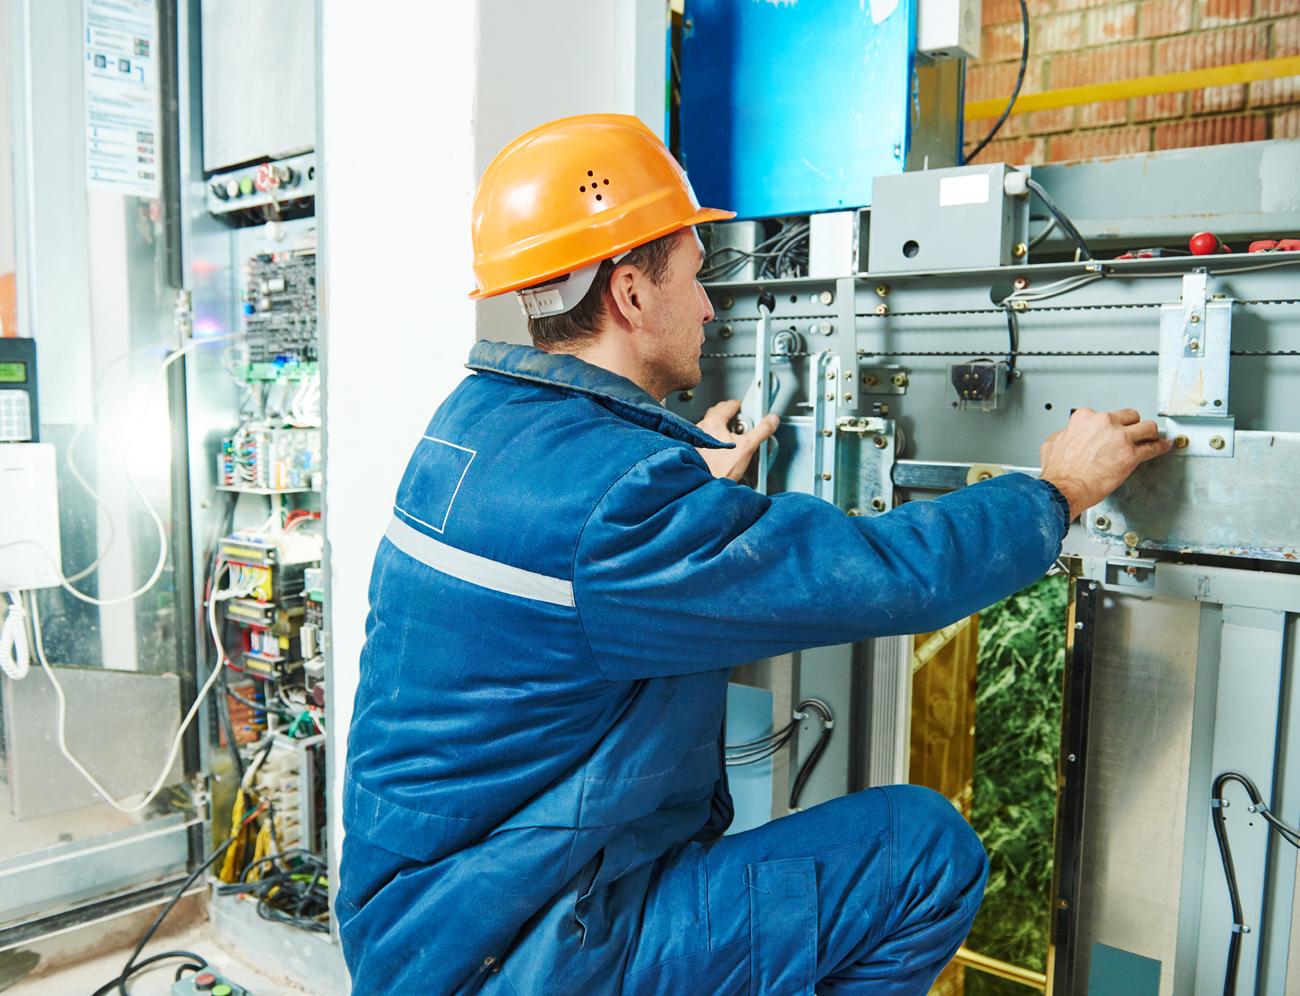 Teikiamos paslaugos ir sprendimai:   Prekių apsaugos sistemos  Kvapų marketingo sprendimai  Žmonių srauto skaičiavimo ir atpažinimo sistemos  Vaizdo stebėjimo sistemos  Apsaugos signalizacijos  Priešgaisrinės signalizacijos  Šildymo, vėdinimo, kondicionavimo įrangos diegimas, aptarnavimas  Alkotesterių remontas ir kalibravimas  Įvairių matavimo prietaisų remontas ir kalibravimas  Medicininės įrangos ir prietaisų remontas  Priešgaisriniai mokymai, civilinė sauga  Evakuacijos planų rengimas  Energetinio efektyvumo paslauga  Įvairios matavimų paslaugos